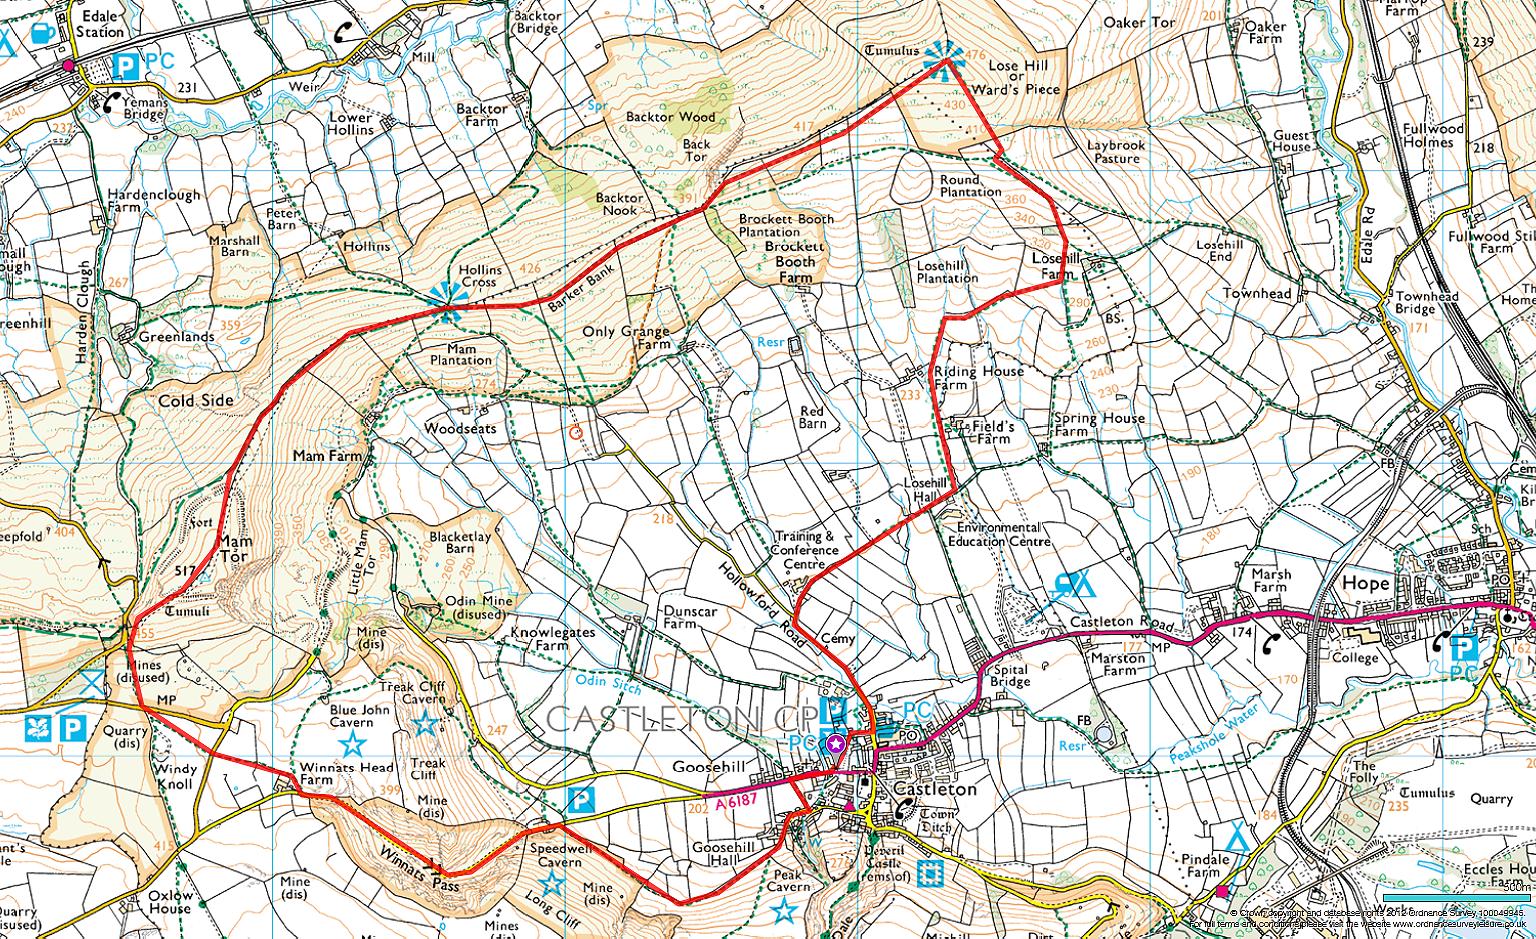 Map Of Castleton Map Castleton Derbyshire   Castleton to Lose Hill and Mam Tor  Map Of Castleton